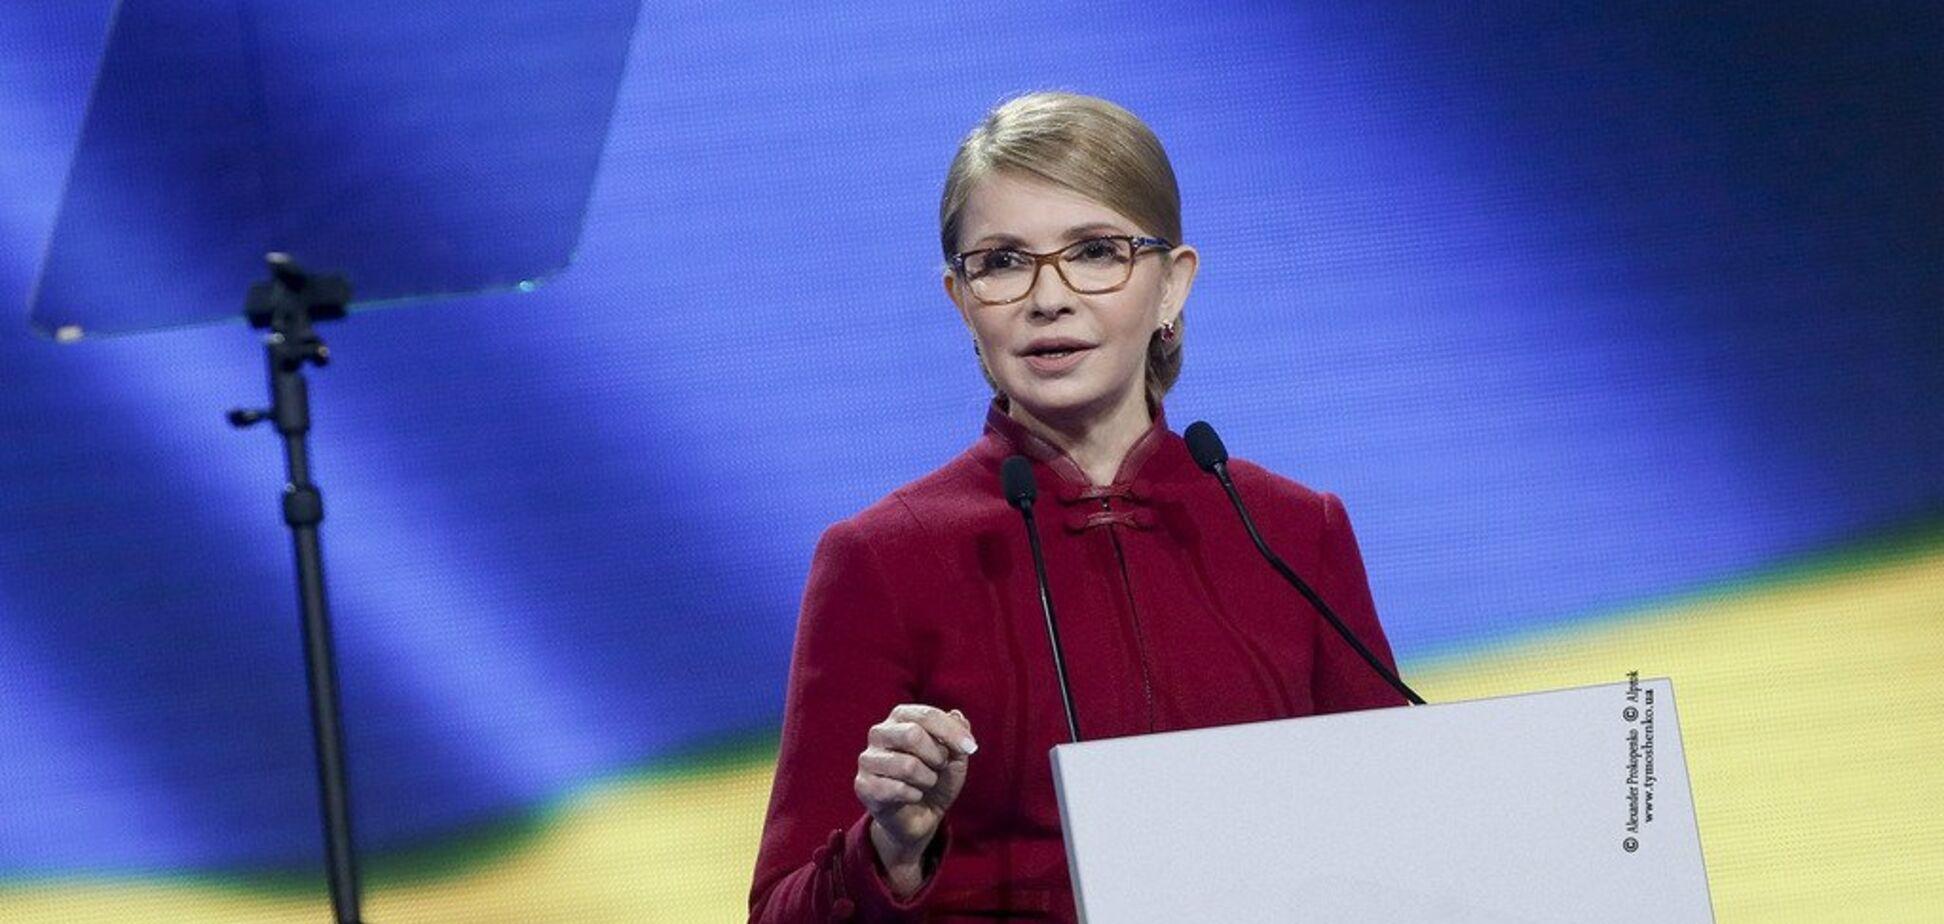 Більшість українців упевнена в перемозі Тимошенко — опитування